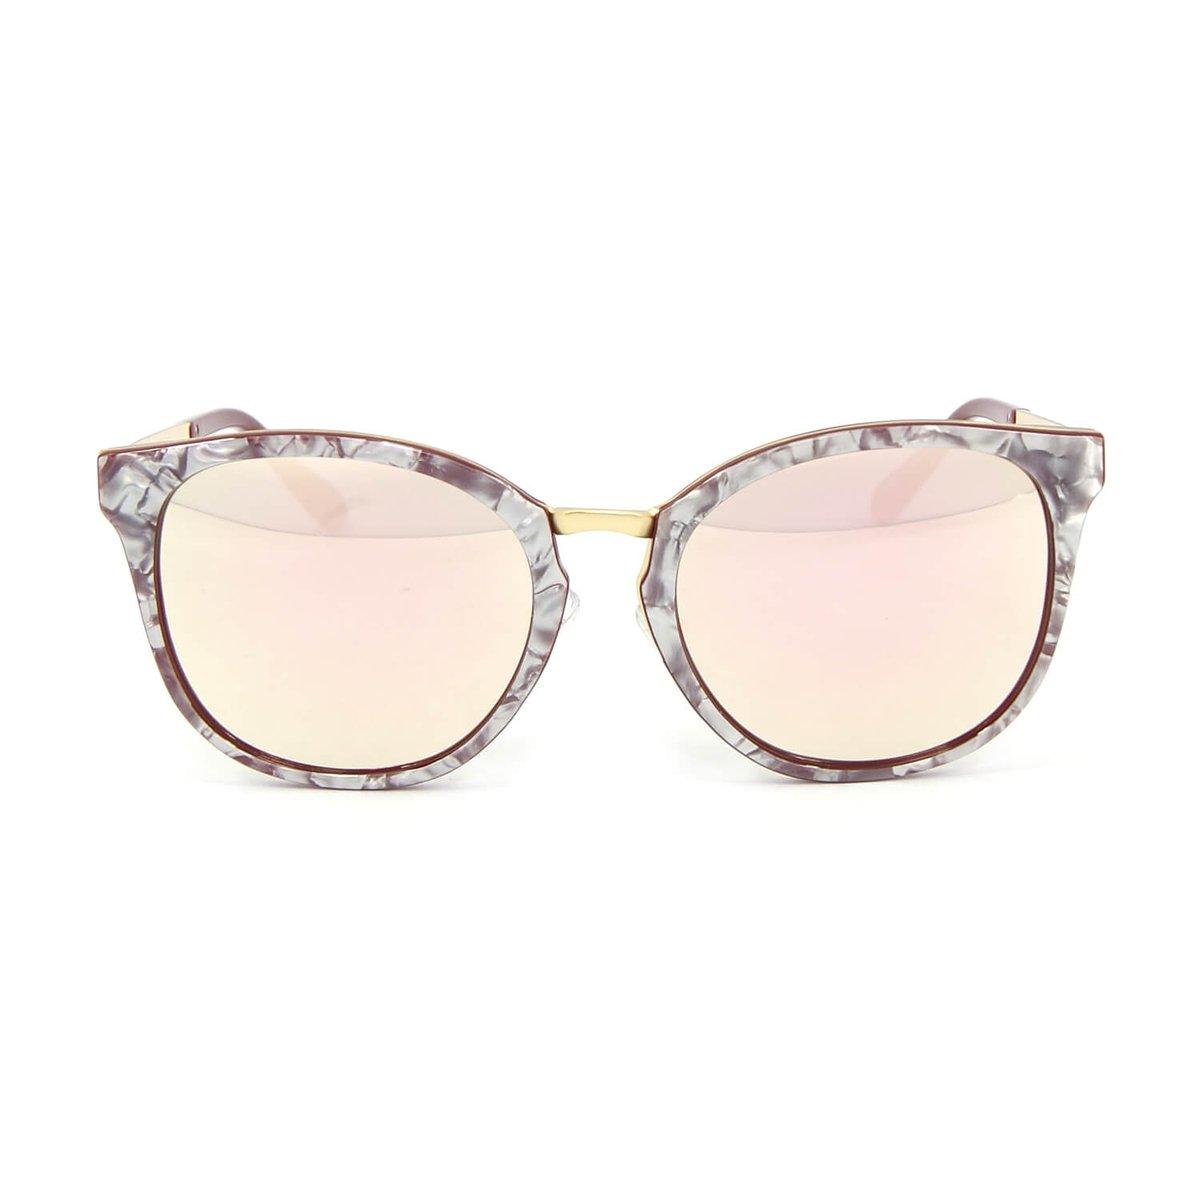 Óculos de Sol Marmorizado Lente espelhada - Compre Agora   Zattini 2dee75cc96